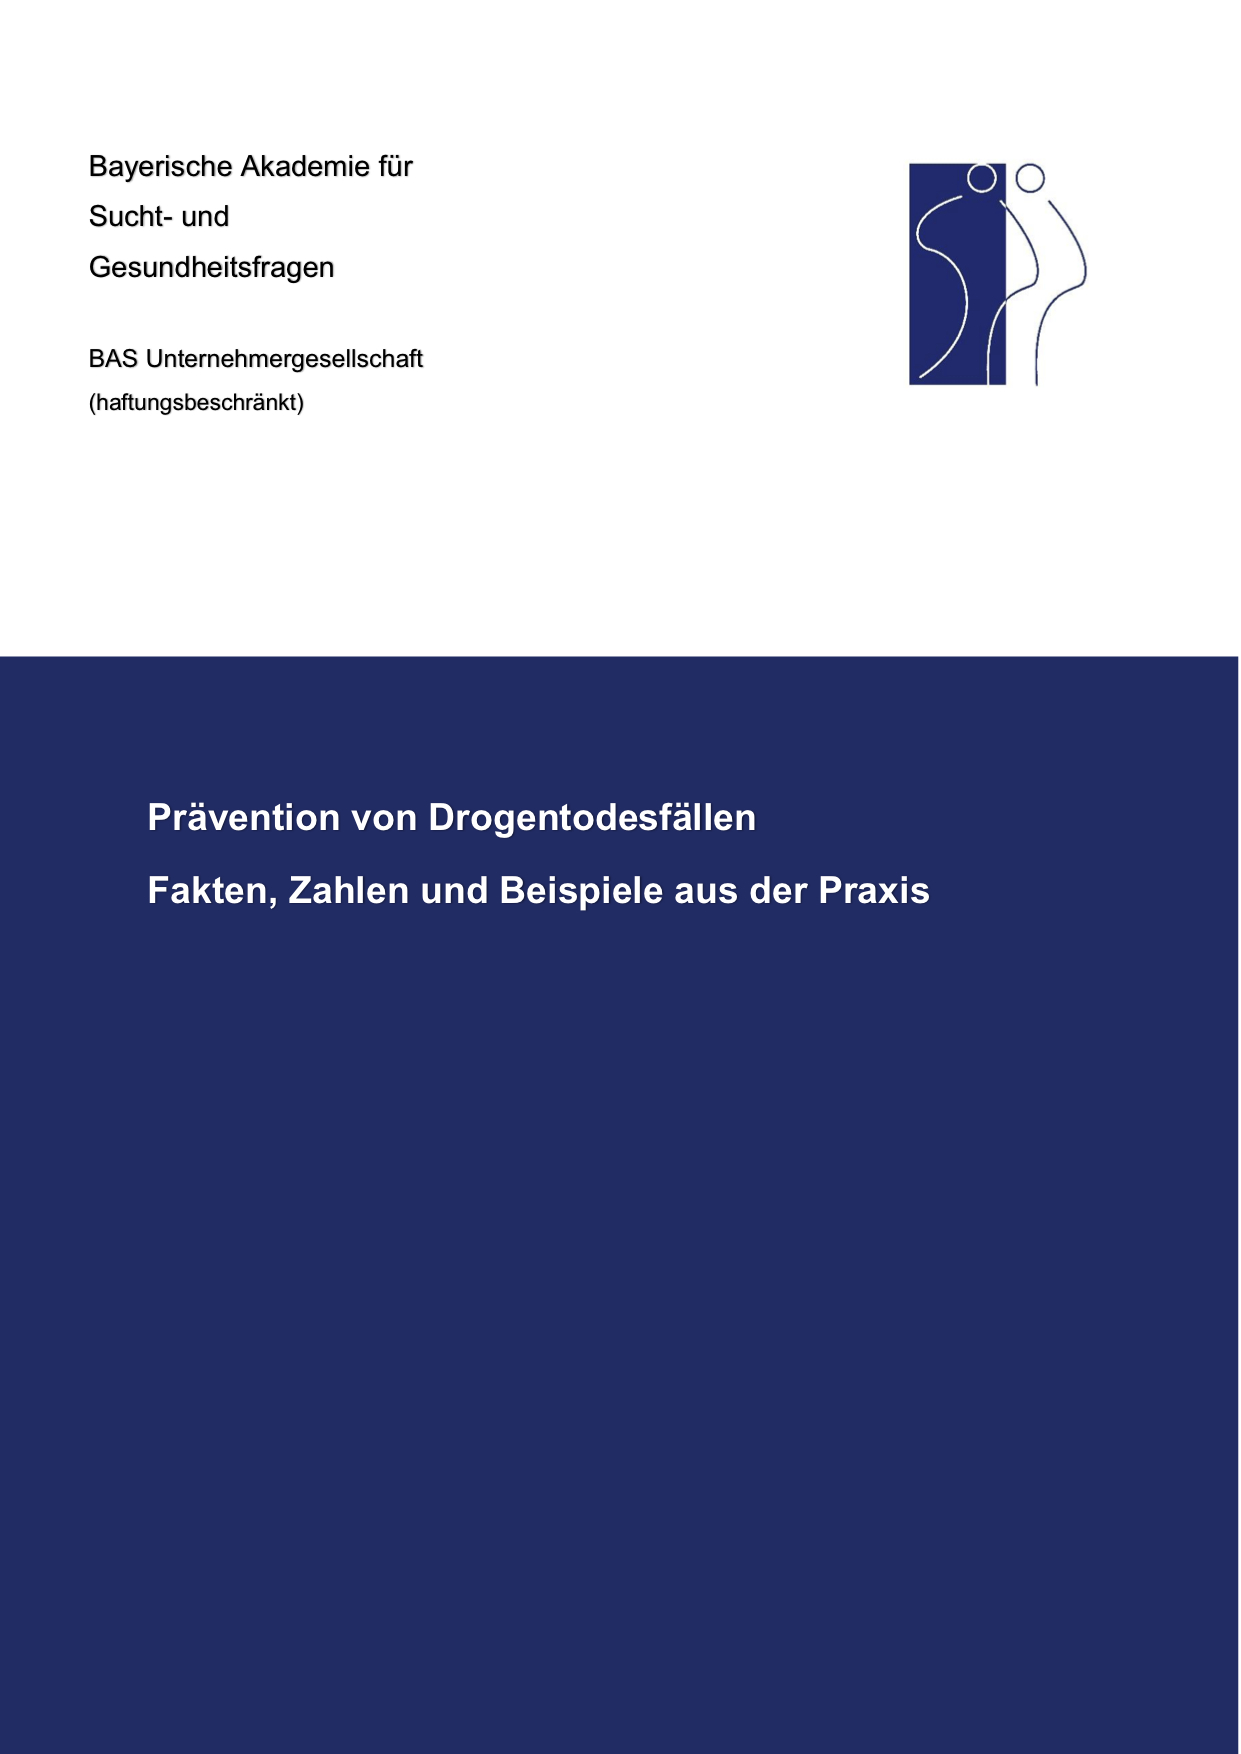 BAS_Prävention_von_Drogentodesfällen_2017_final (verschoben)